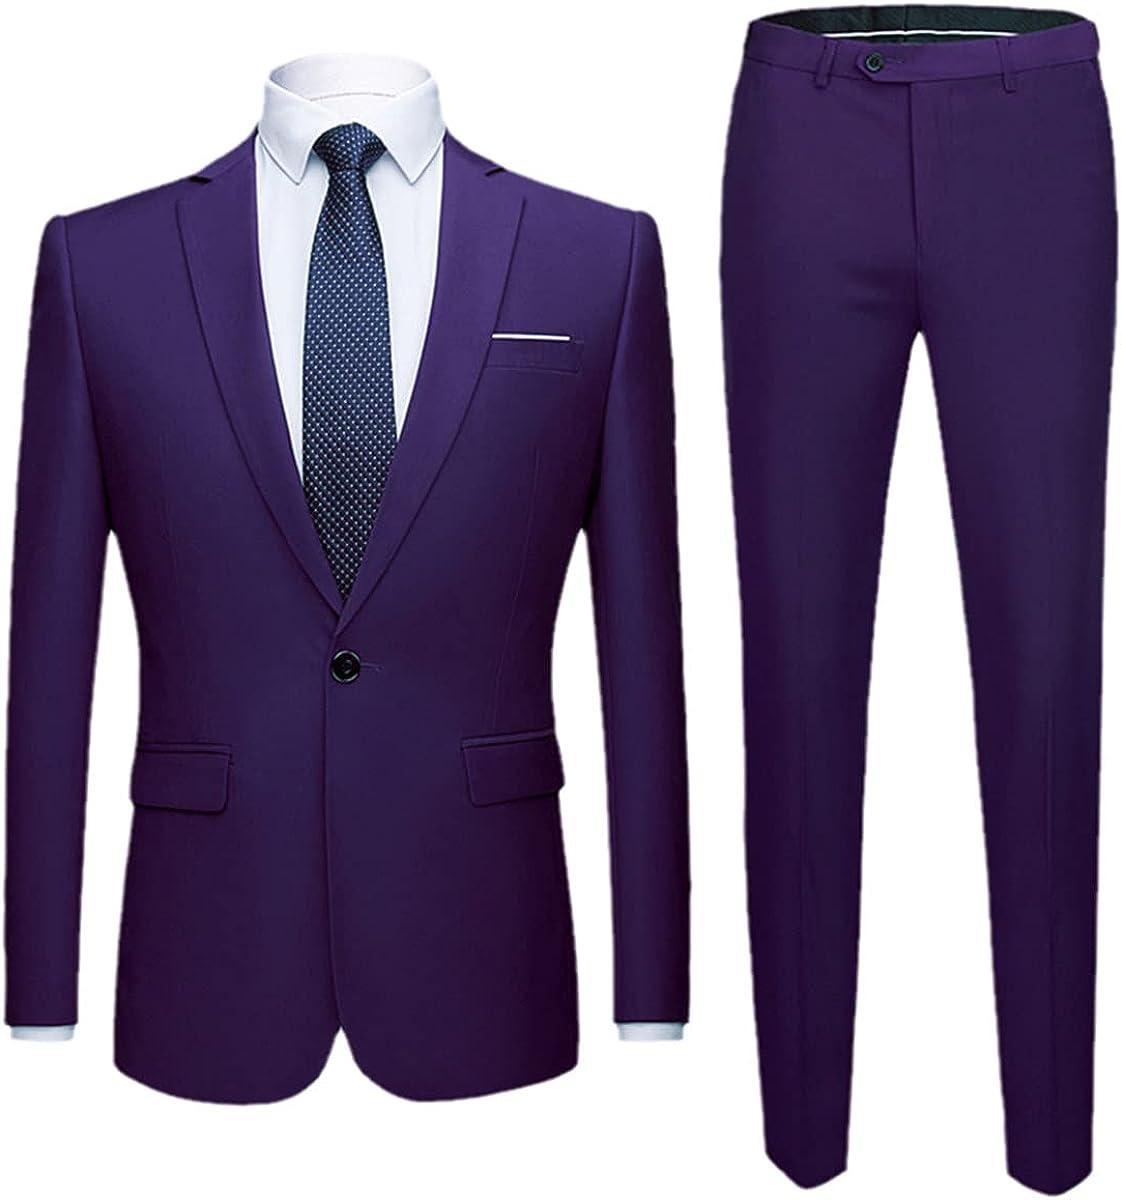 CACLSL Men's Western Slim Fit Business Uniform Office Suit Wedding Groom Party 2-Piece Jacket Pants